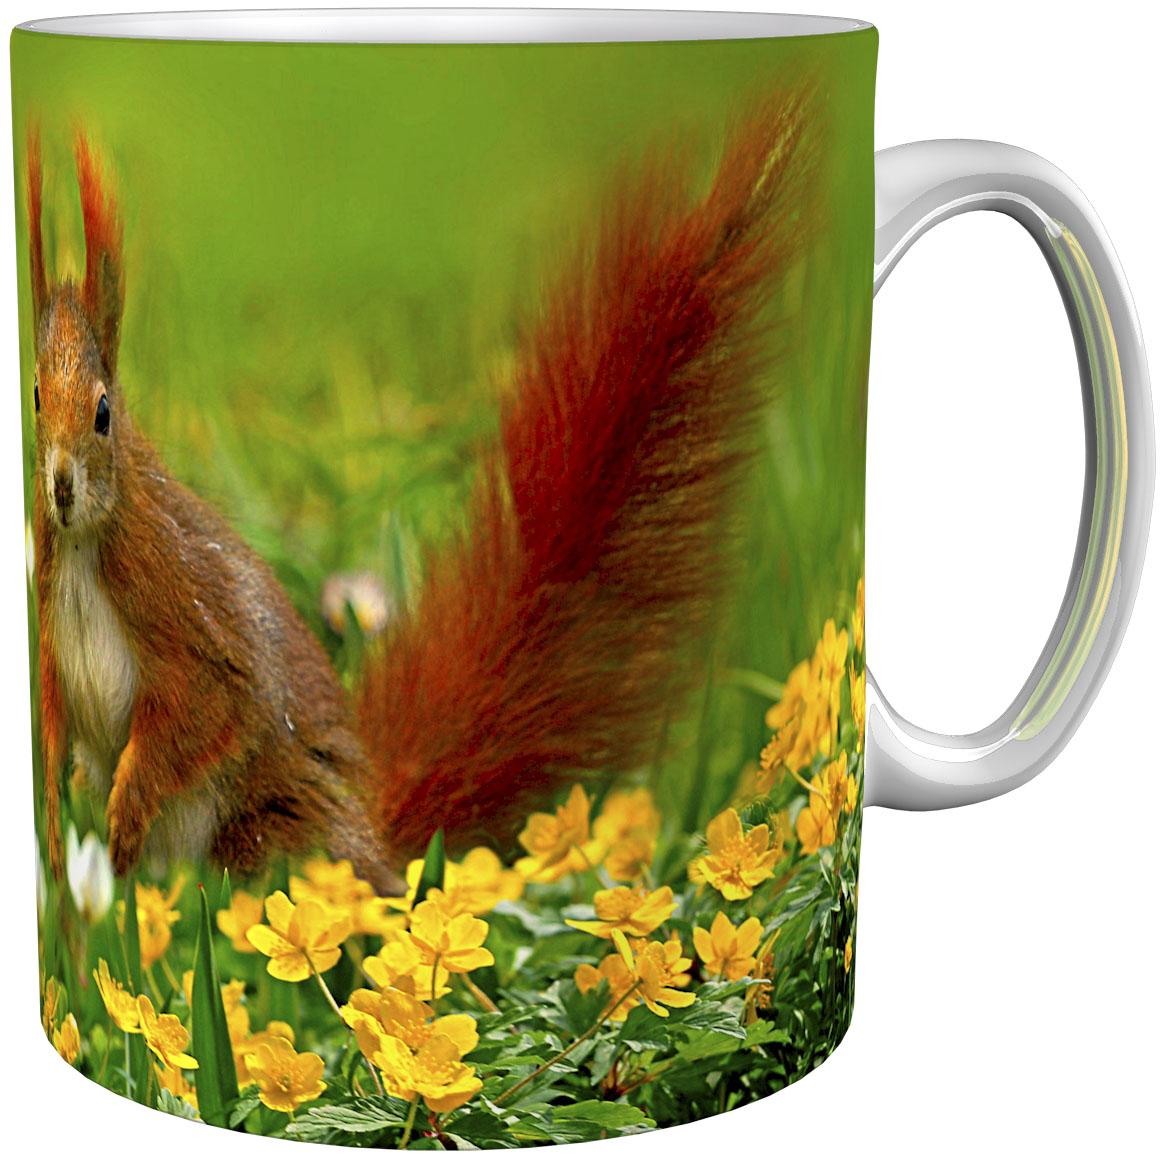 Kaffeetasse / Kaffeebecher / Eichhörnchen / Geschenktasse